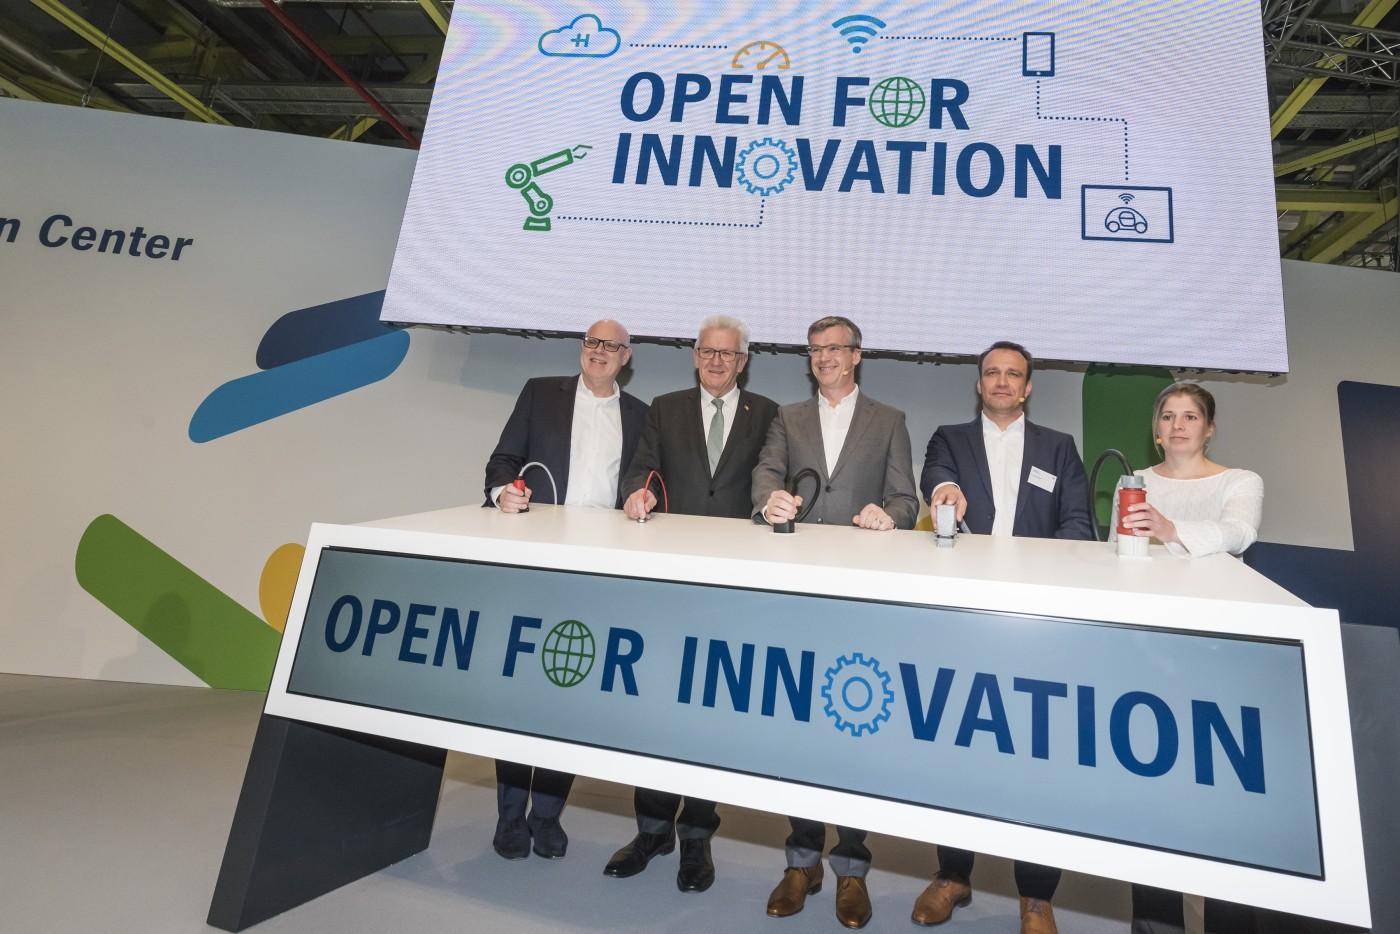 20181213_1_Heidelberg_Innovation_Center_1